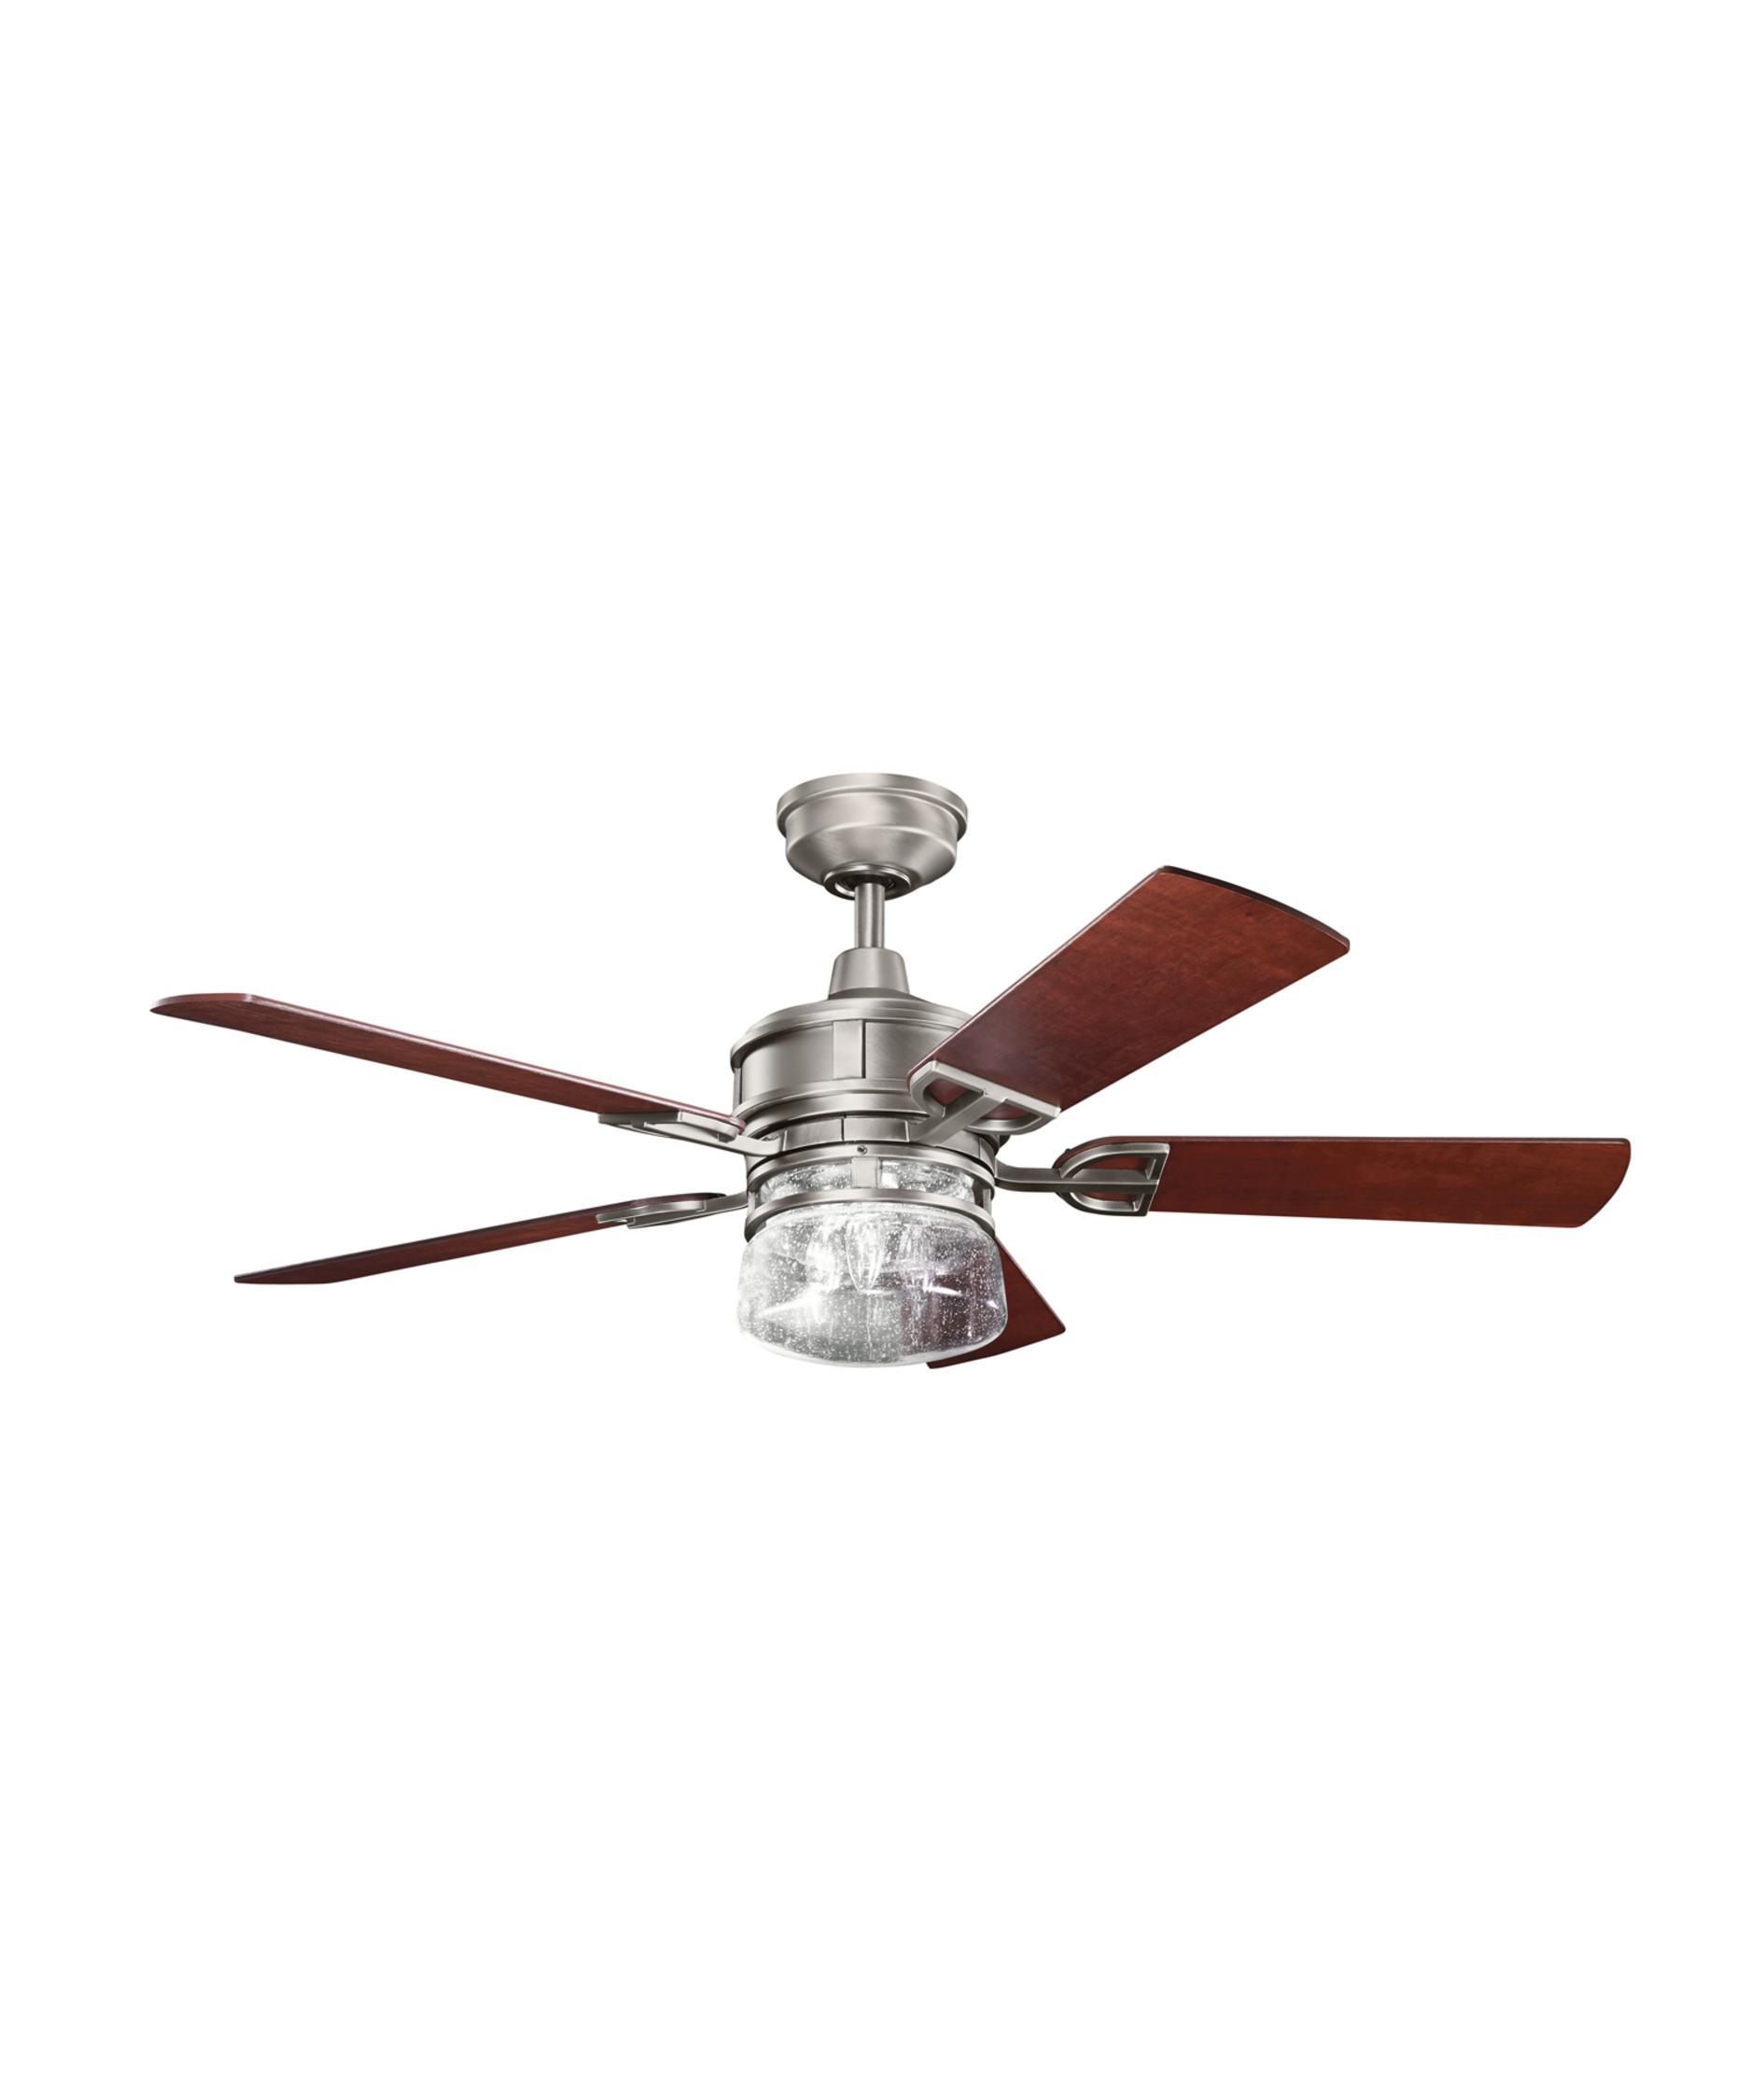 kichler 300120 lyndon 52 inch 5 blade ceiling fan | capitol